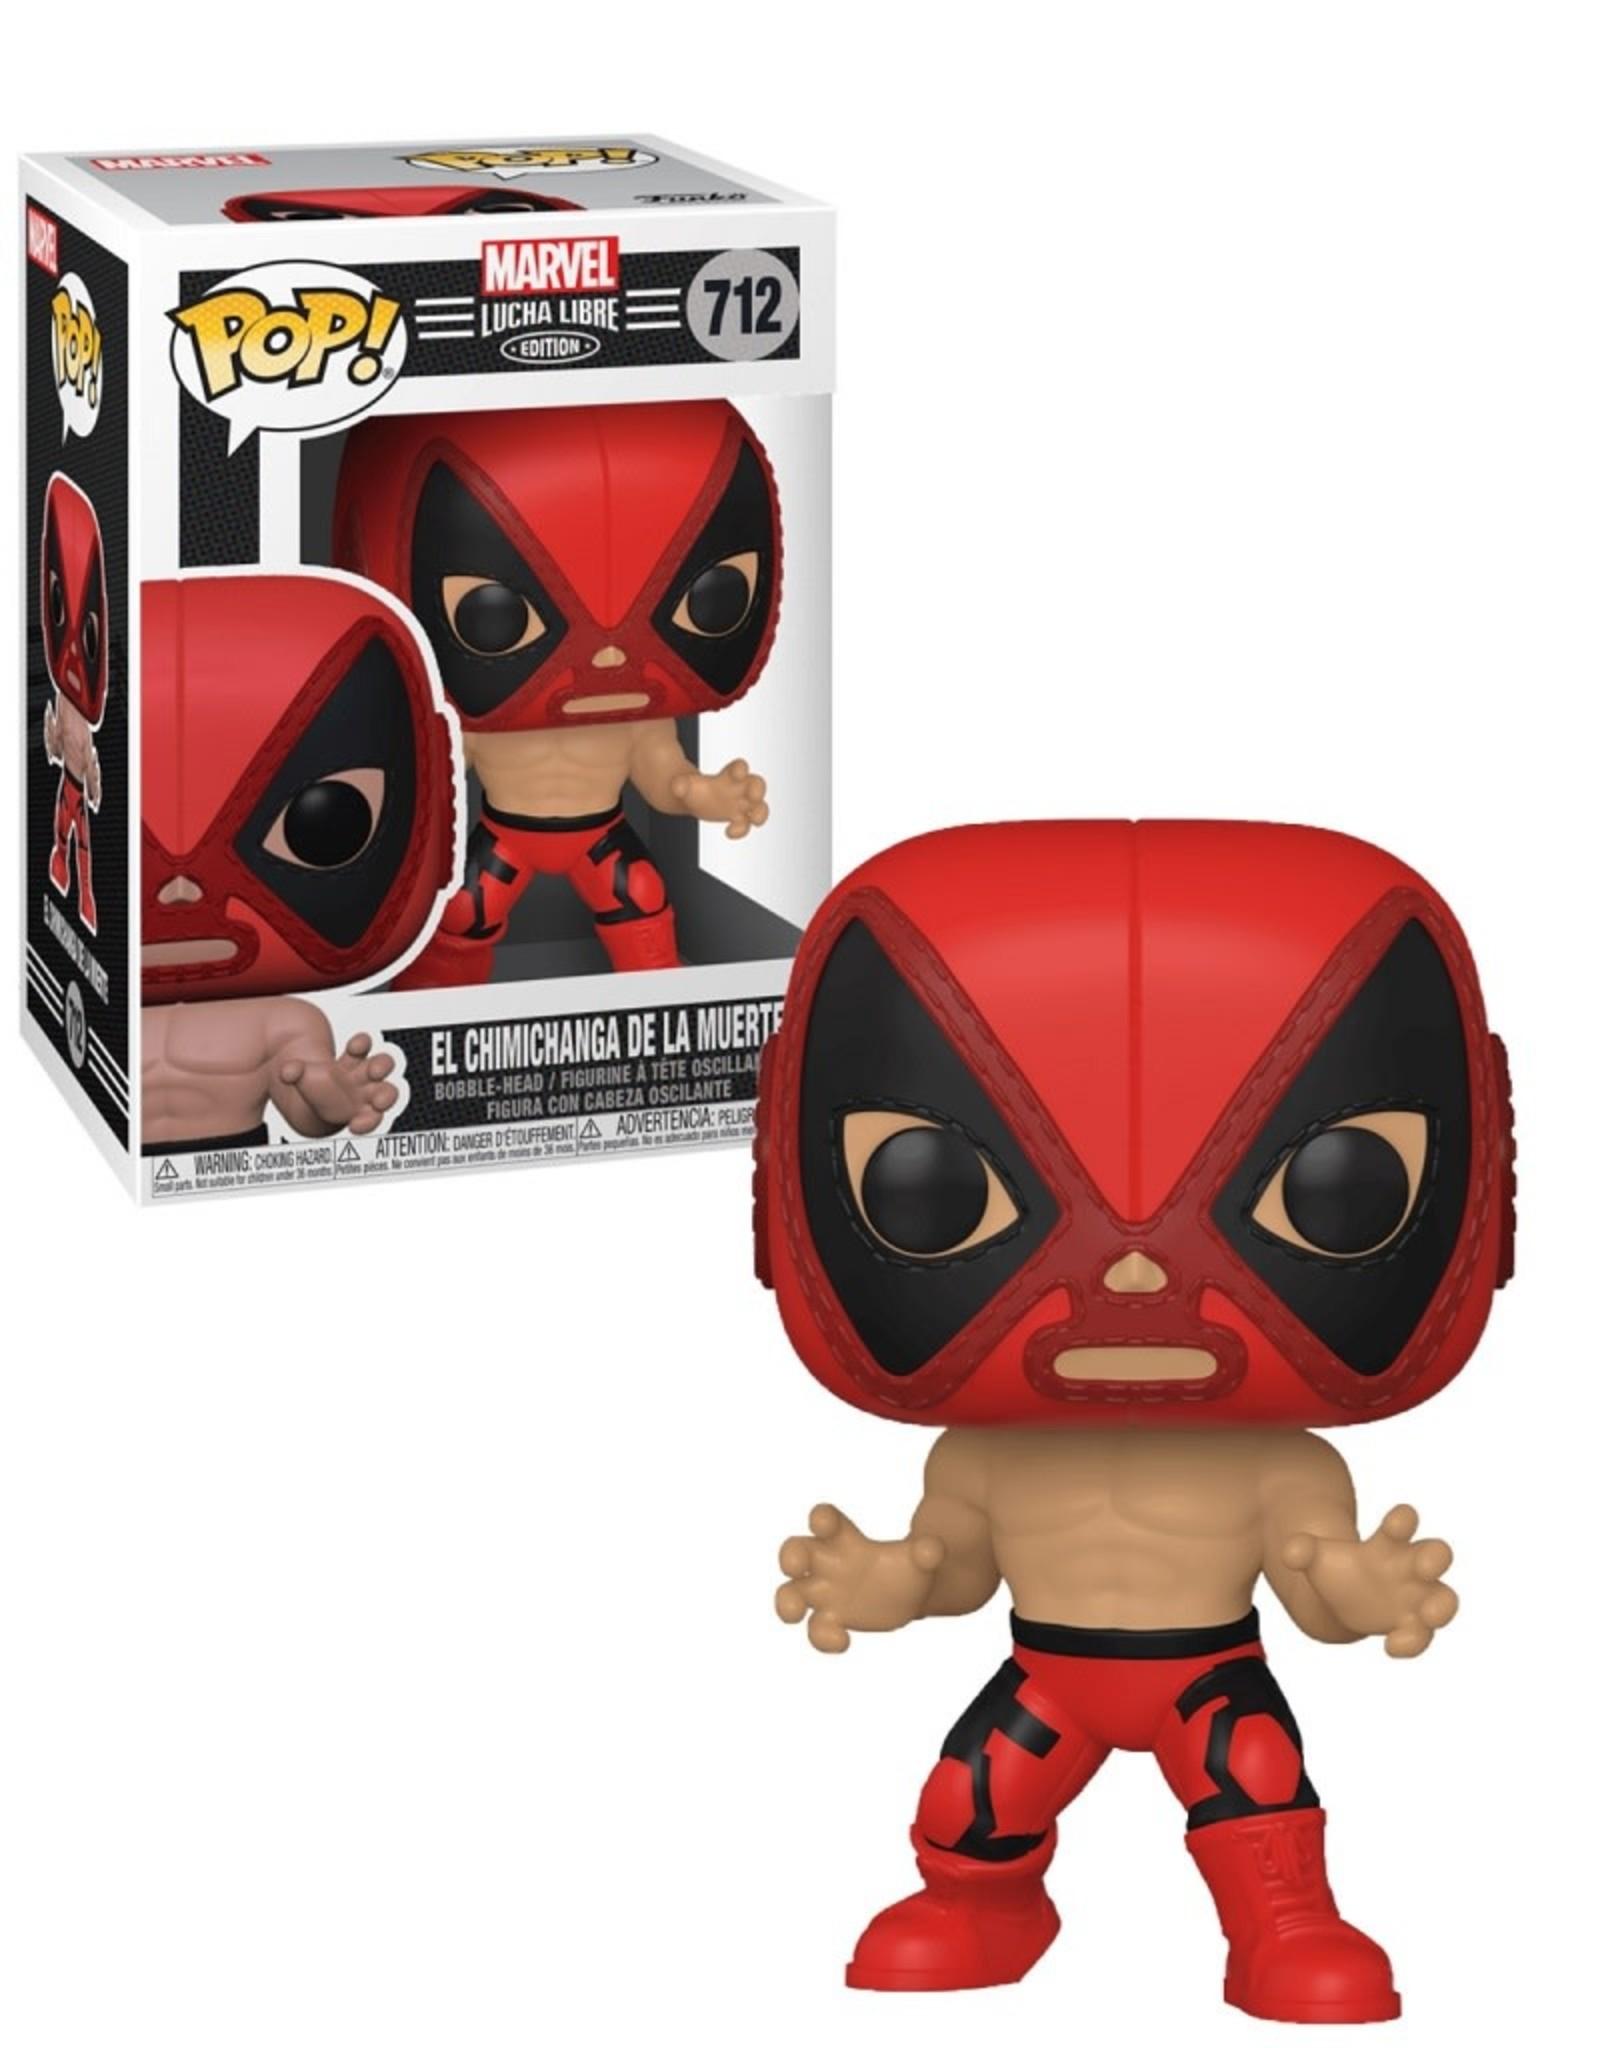 Marvel Marvel Lucha Libre 712 ( Funko Pop ) El Chimichanga de la Muerte